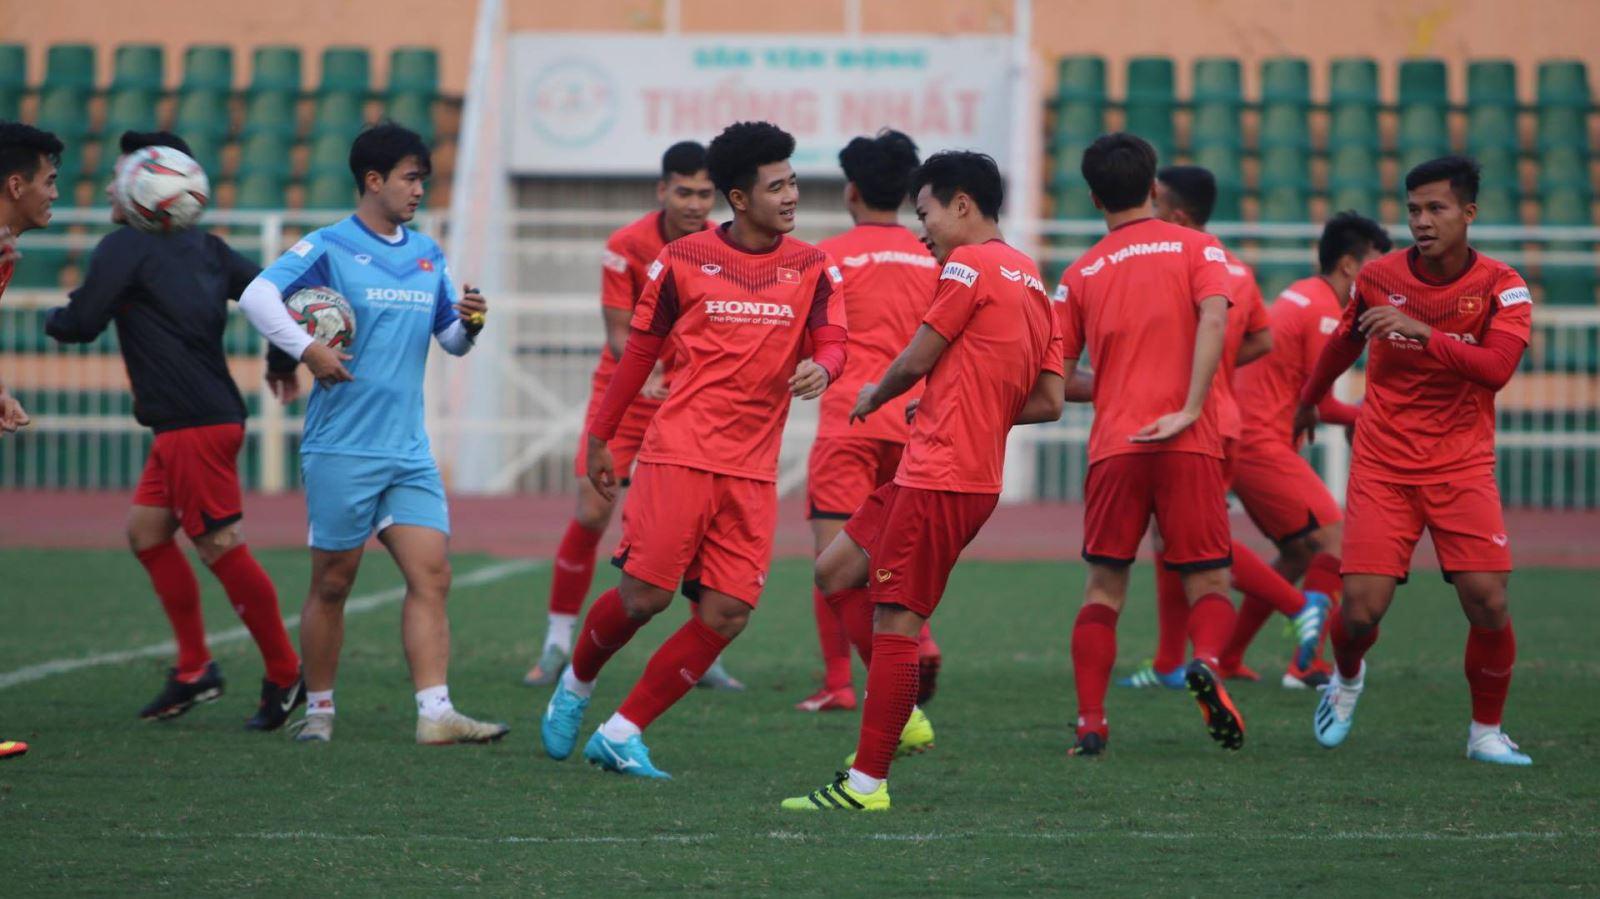 HLV Park Hang-seo và những phép toán ở trận thắng B.Bình Dương - Bóng Đá